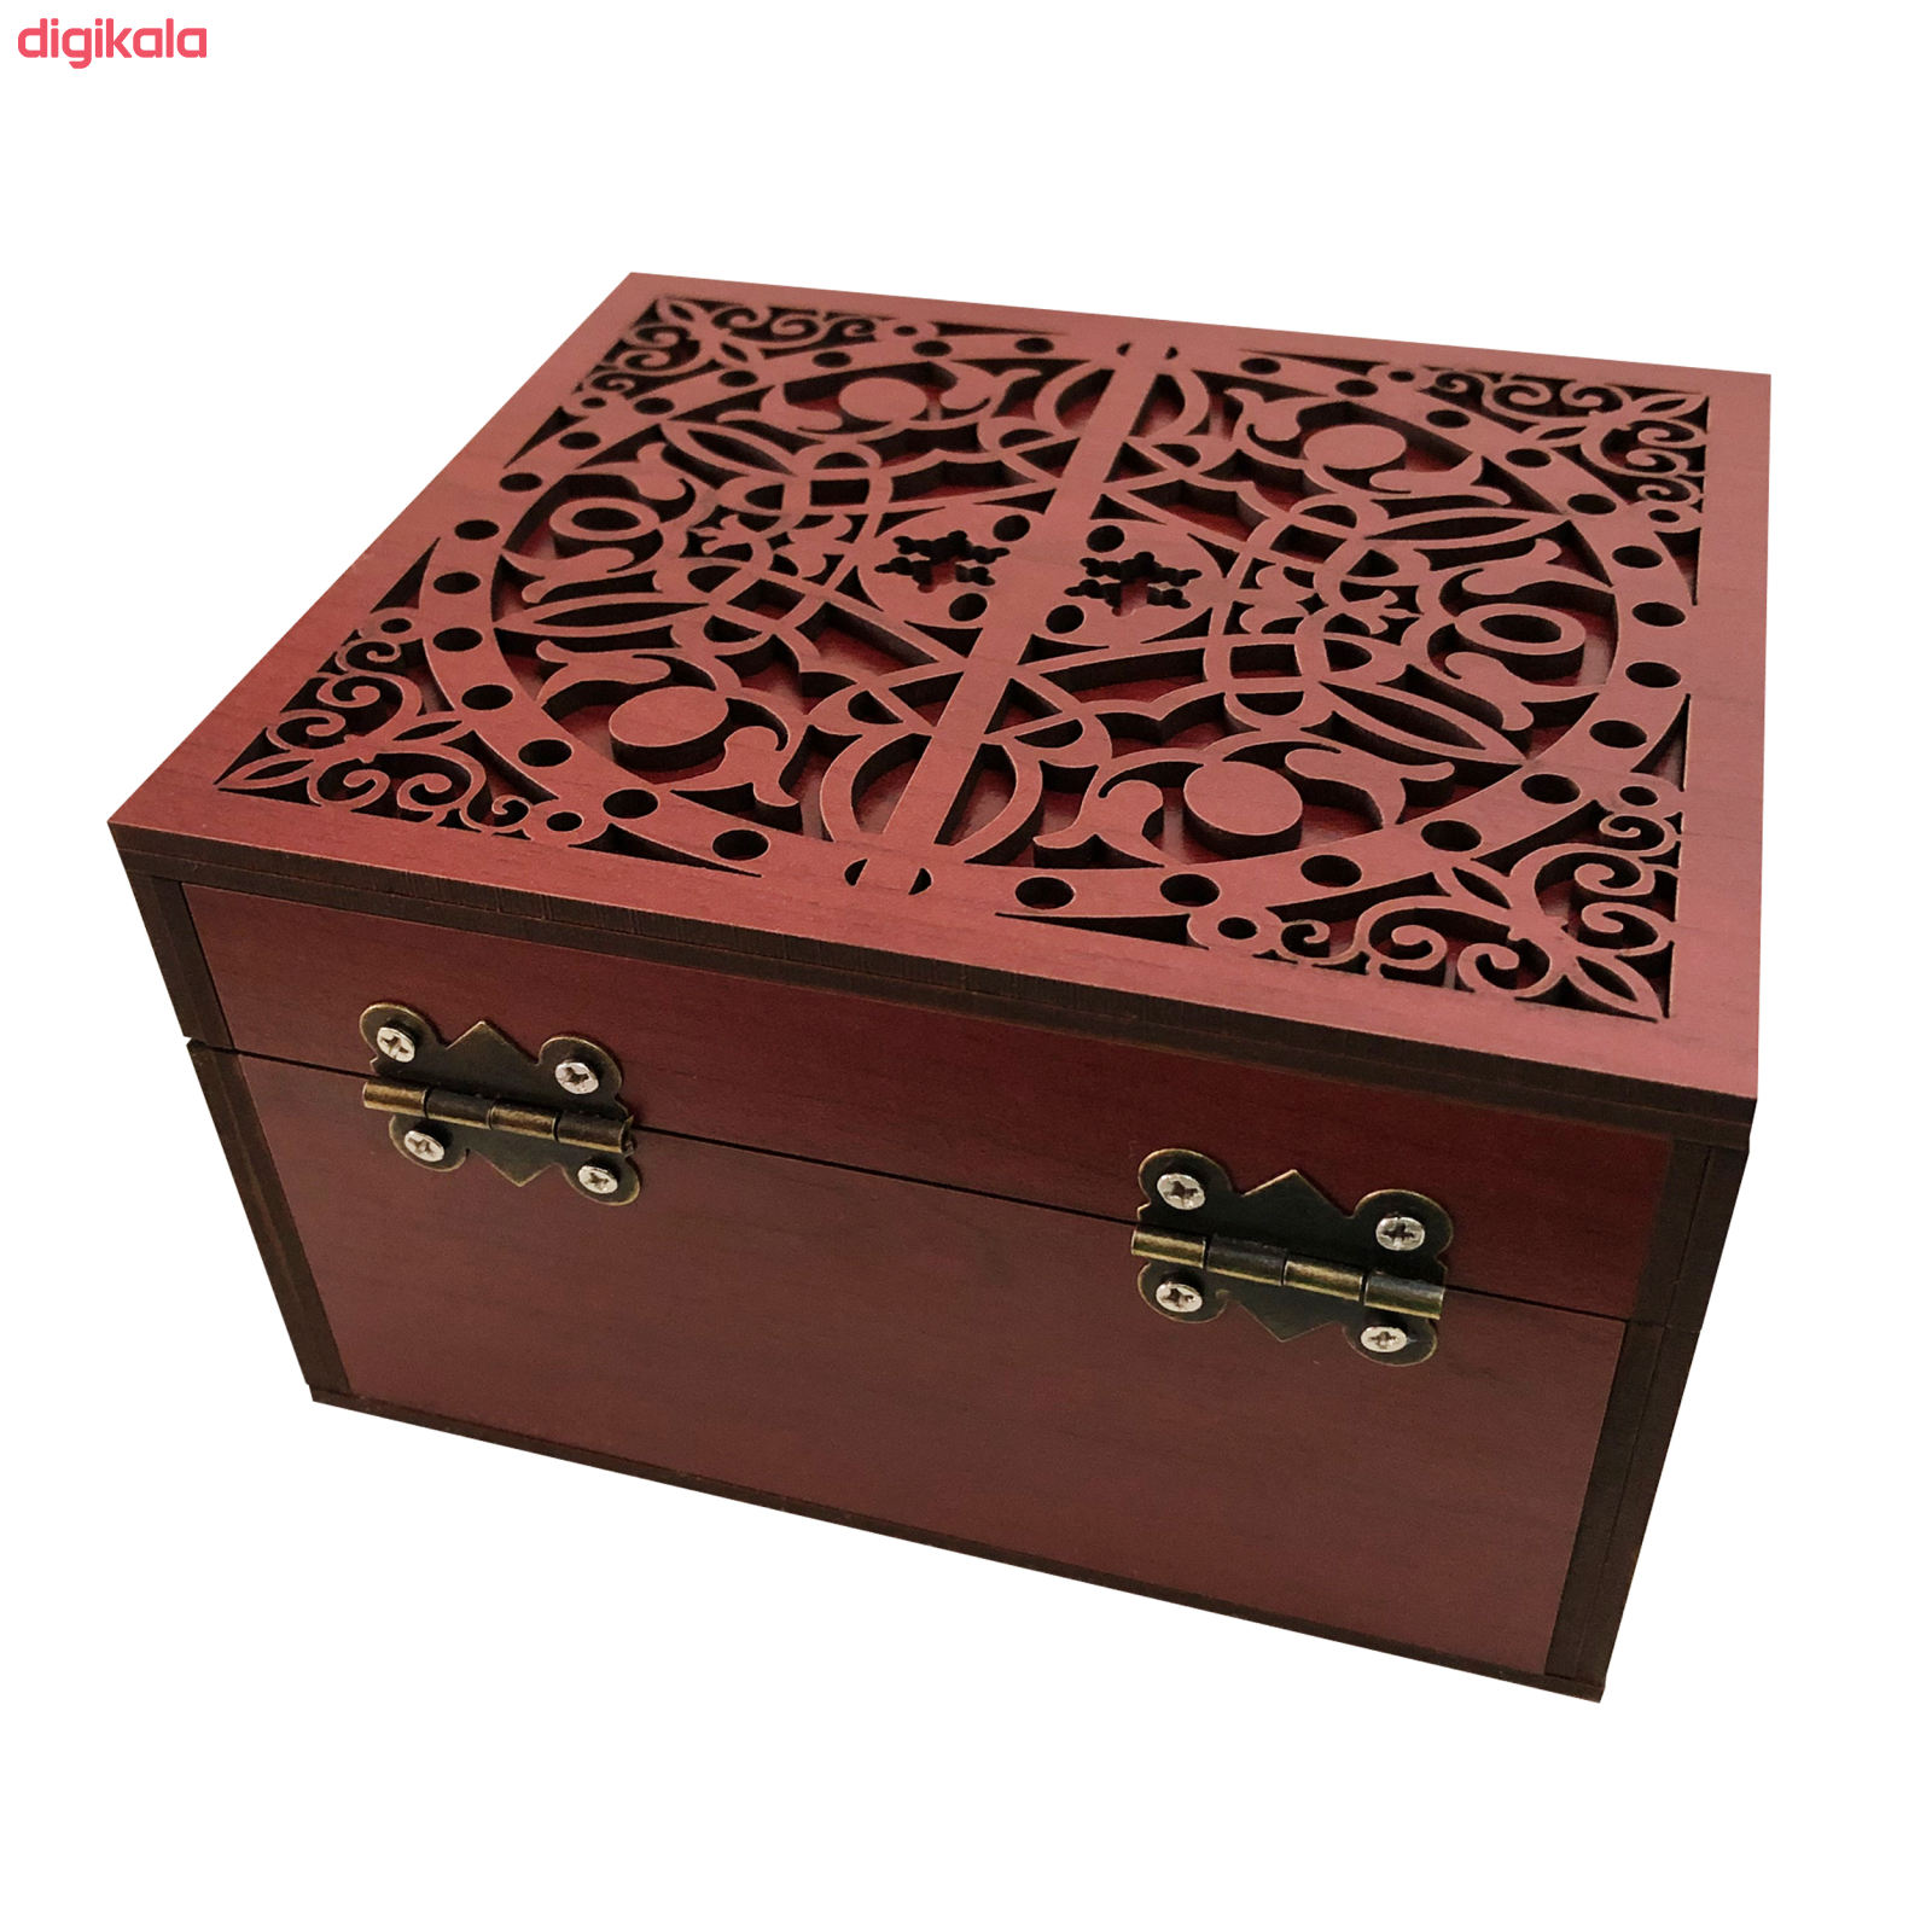 جعبه هدیه چوبی مدل j67 main 1 3